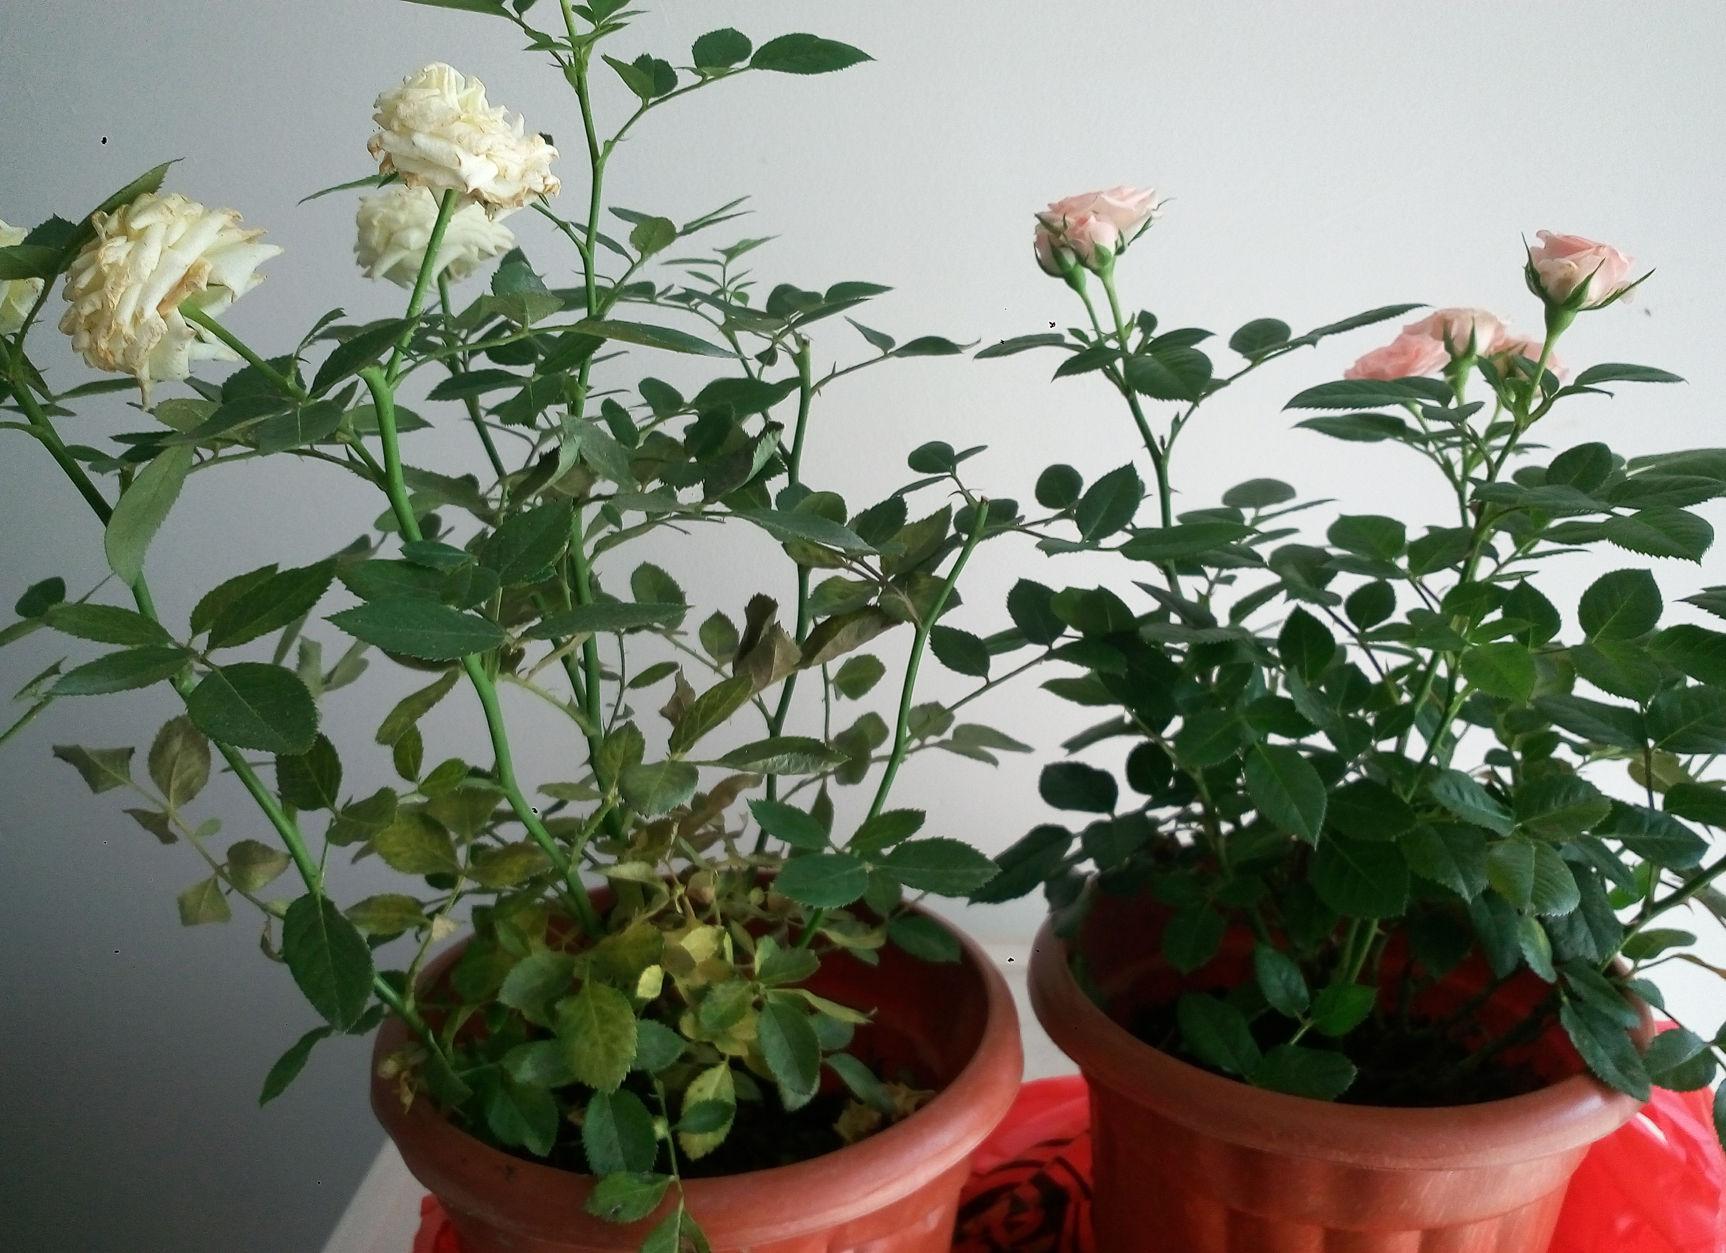 盆栽月季为何花朵越开越小